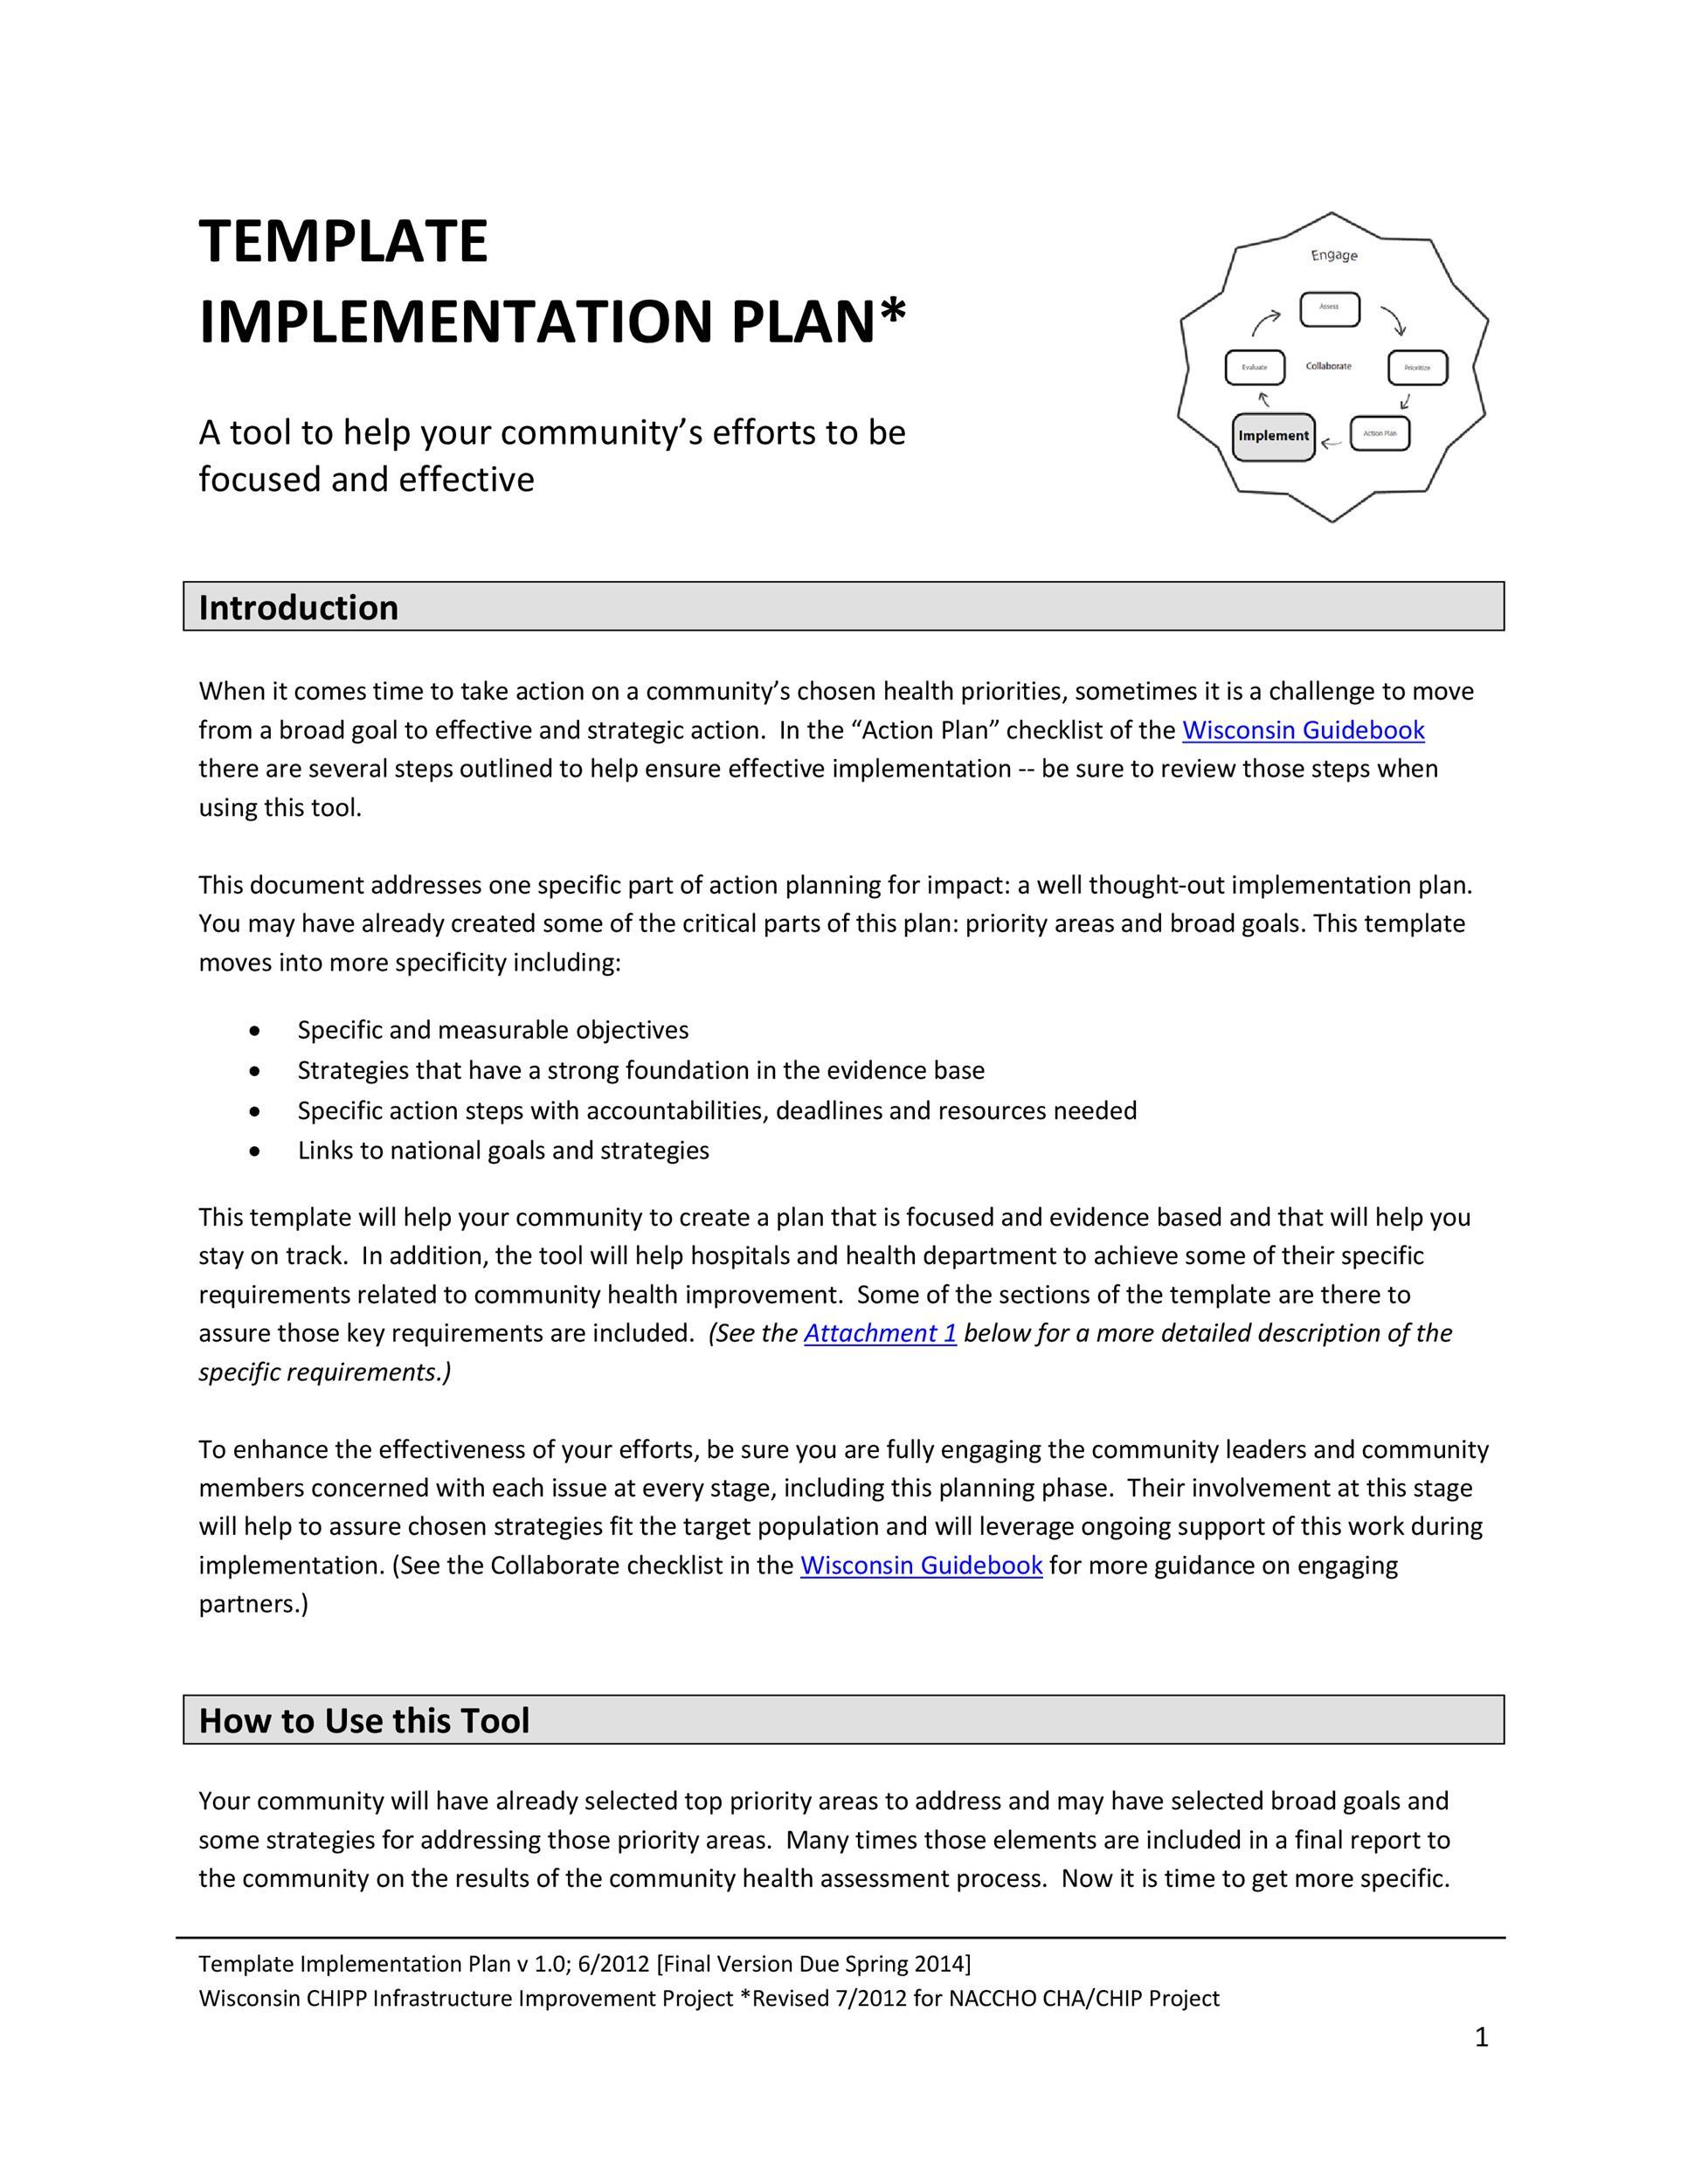 Free implementation plan 25